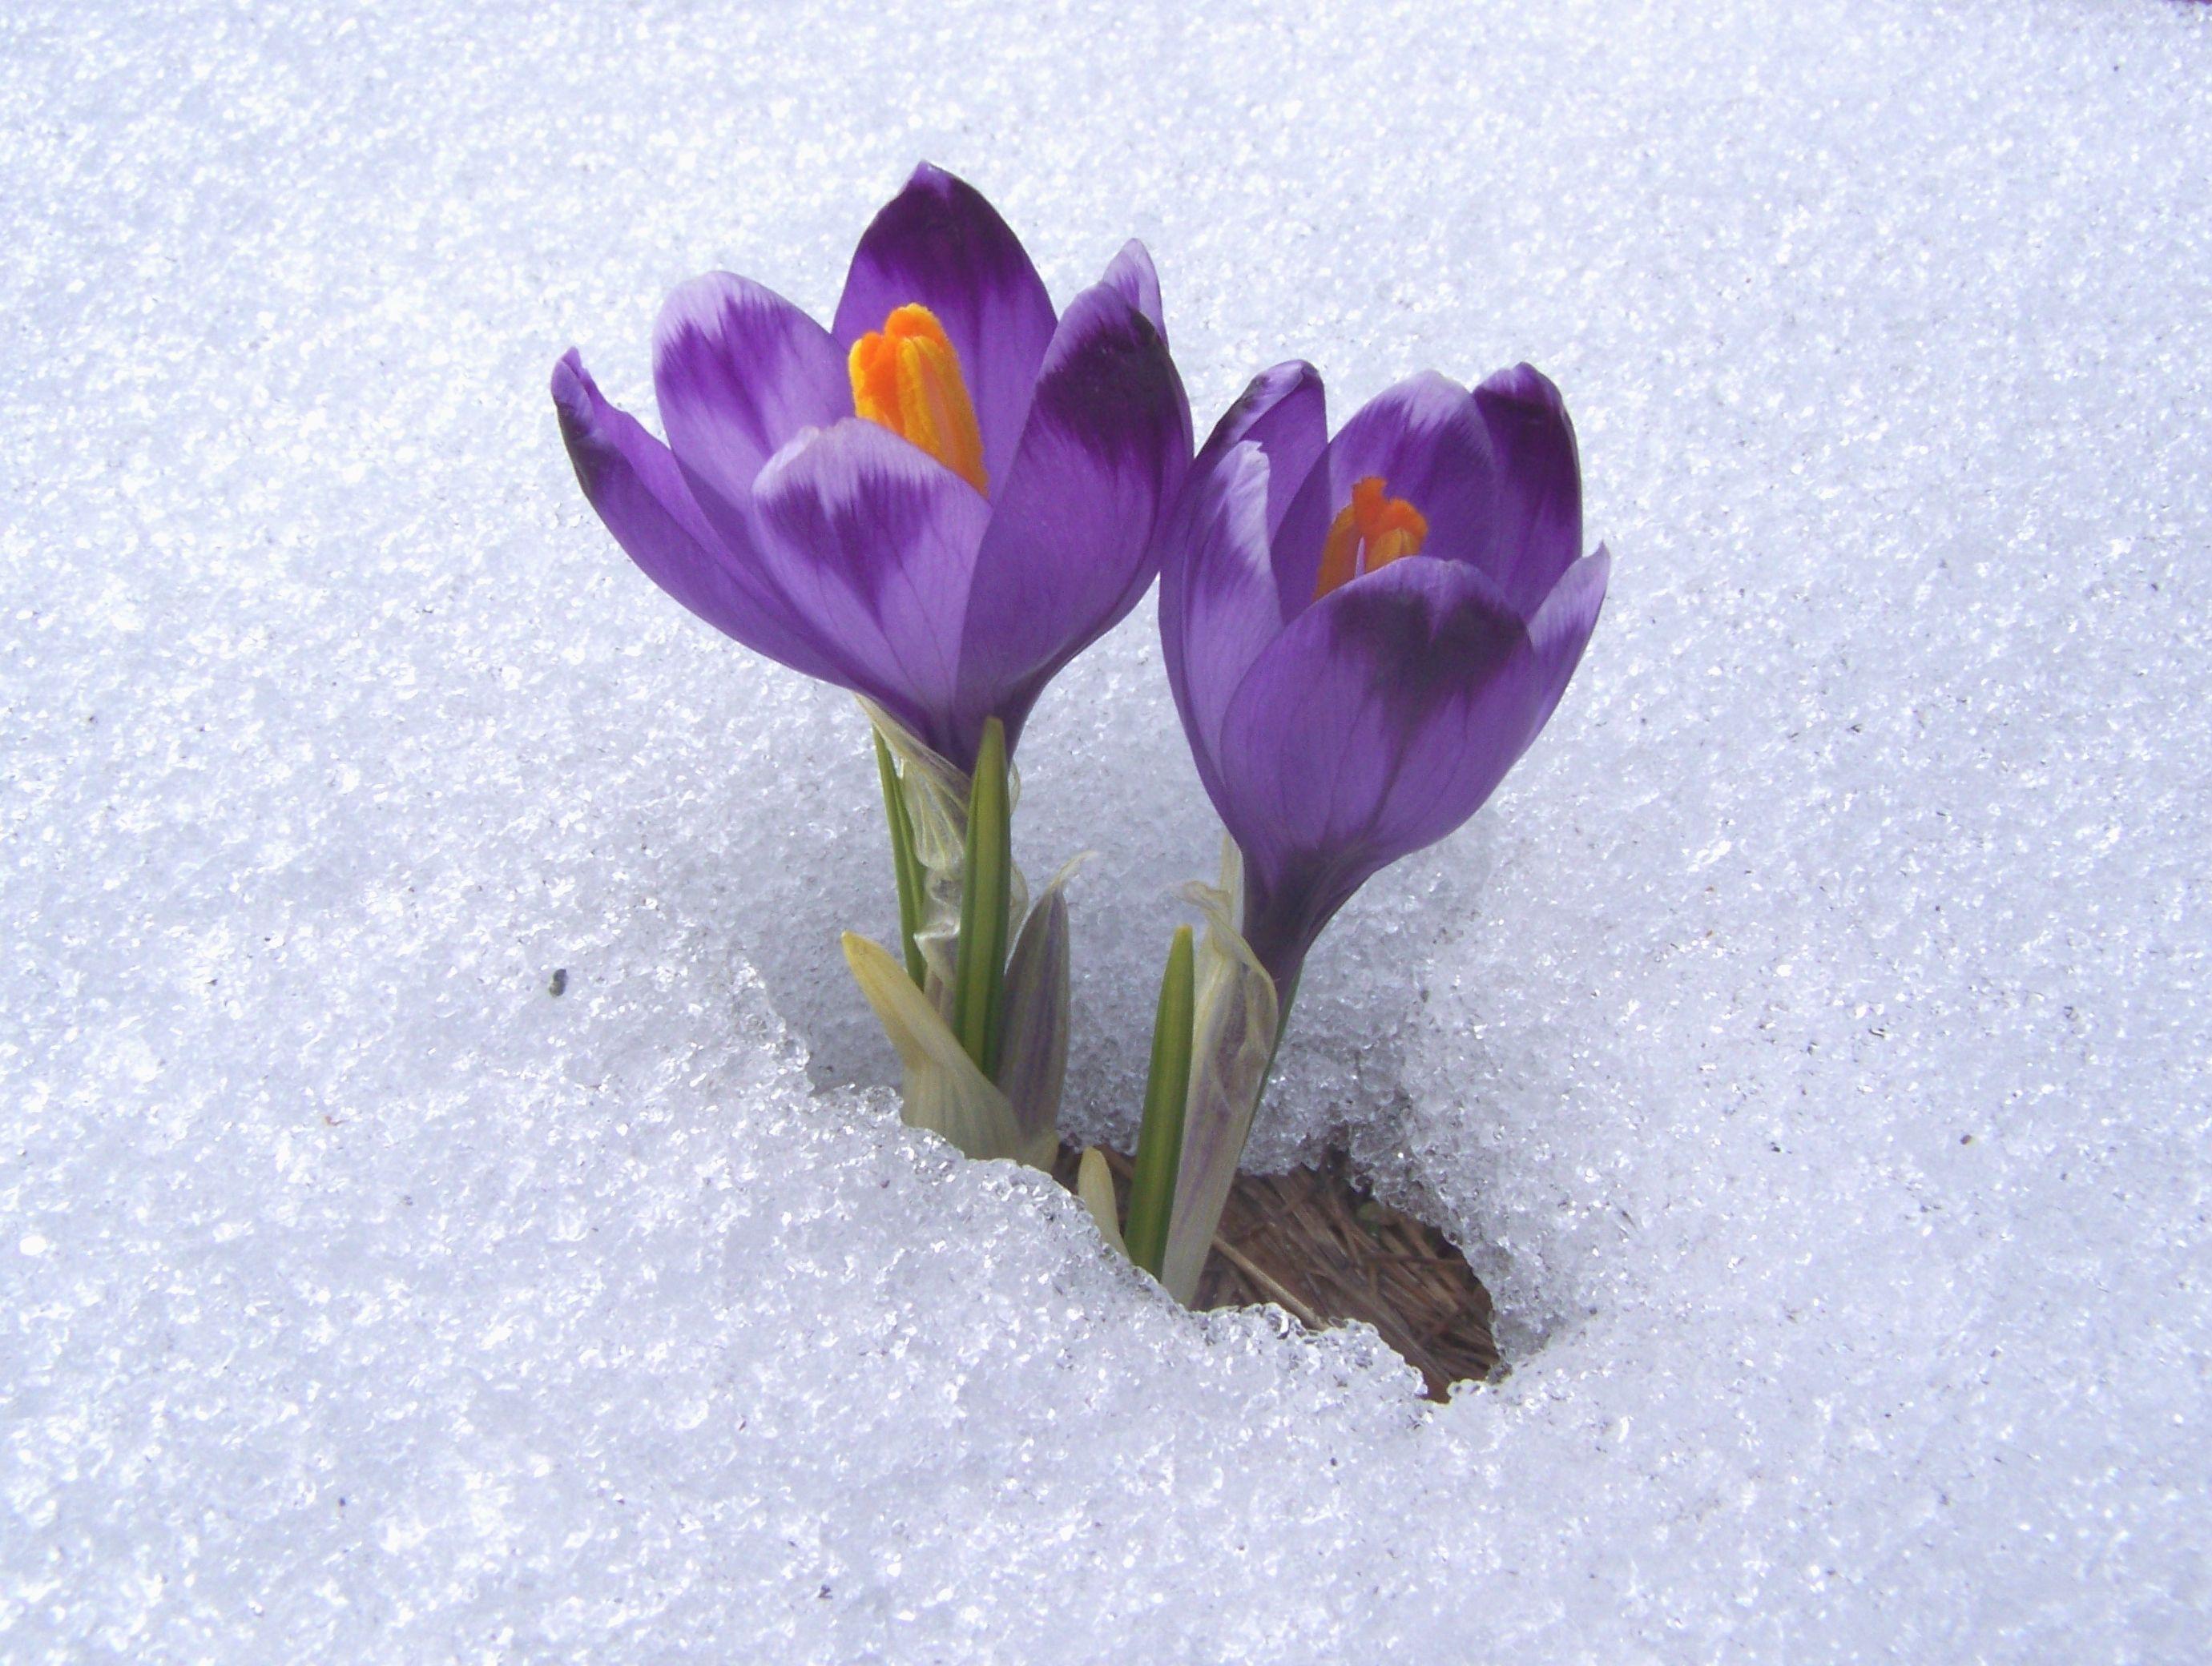 pictures flowers in snow and quotes Crocus neapolitanus